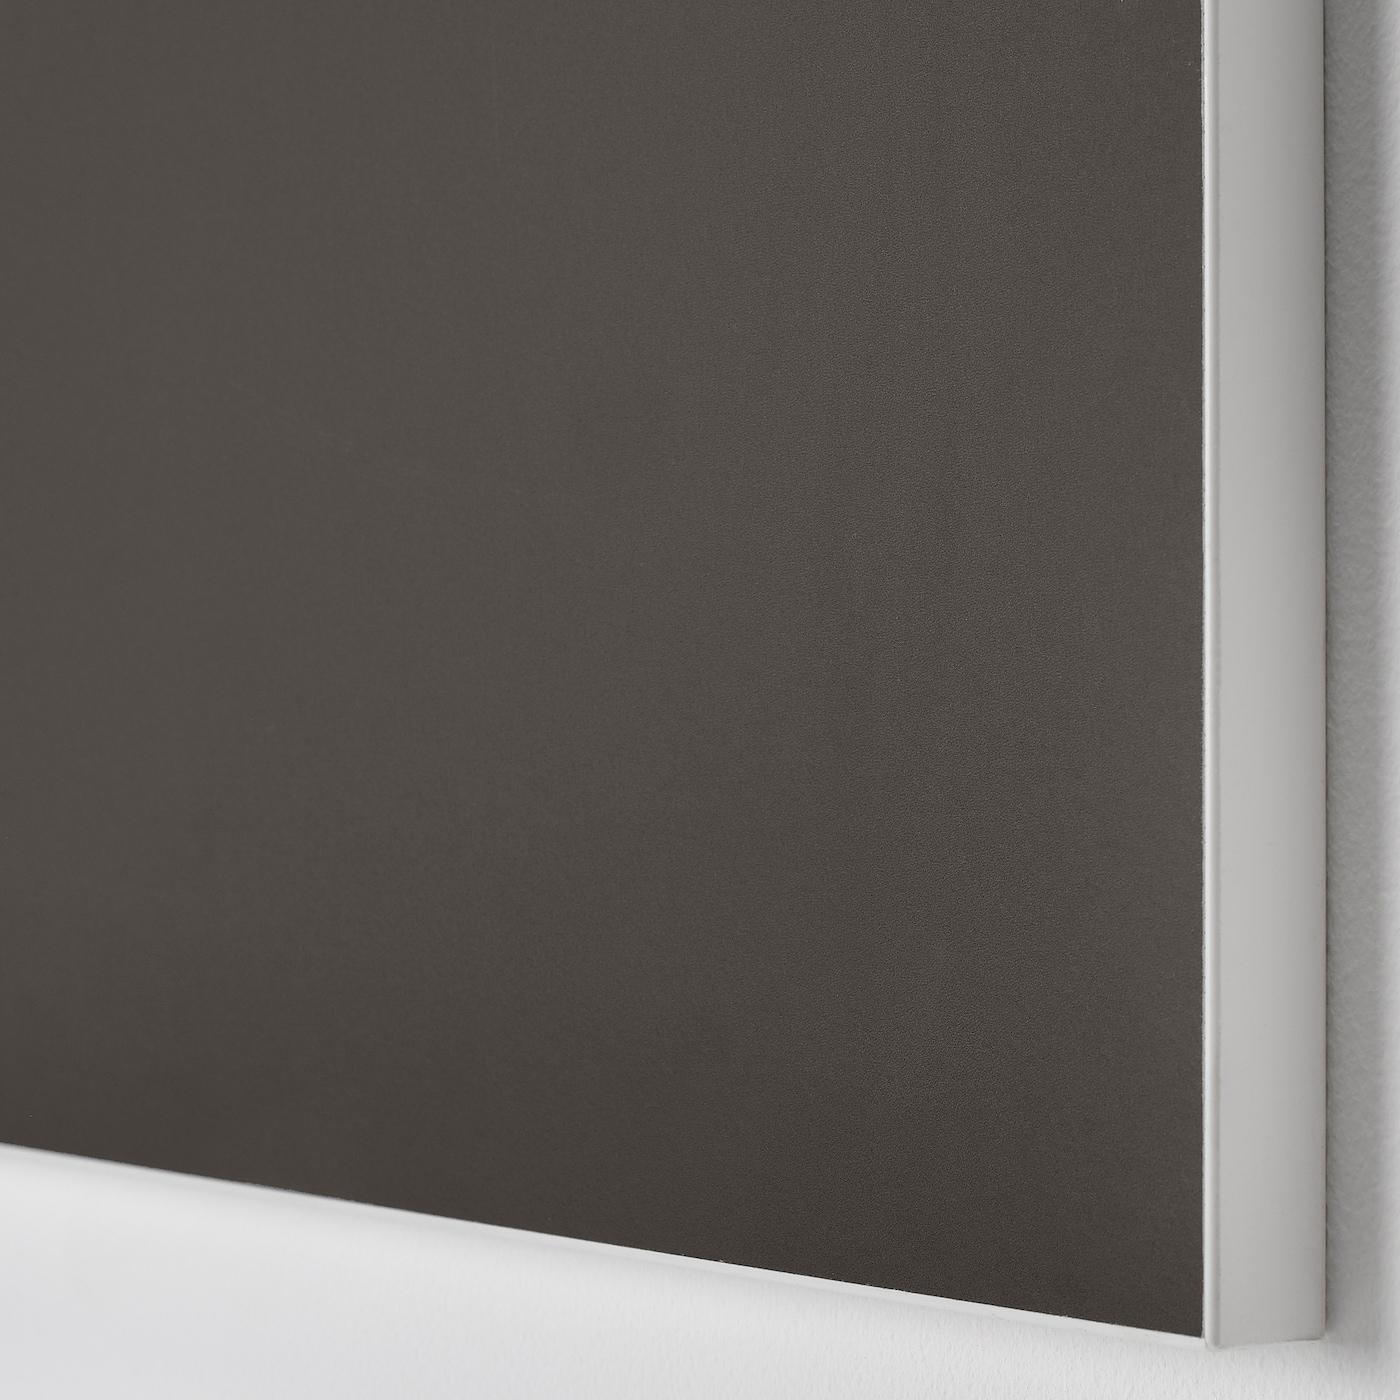 SKATVAL Deur met scharnieren, donkergrijs, 60x120 cm